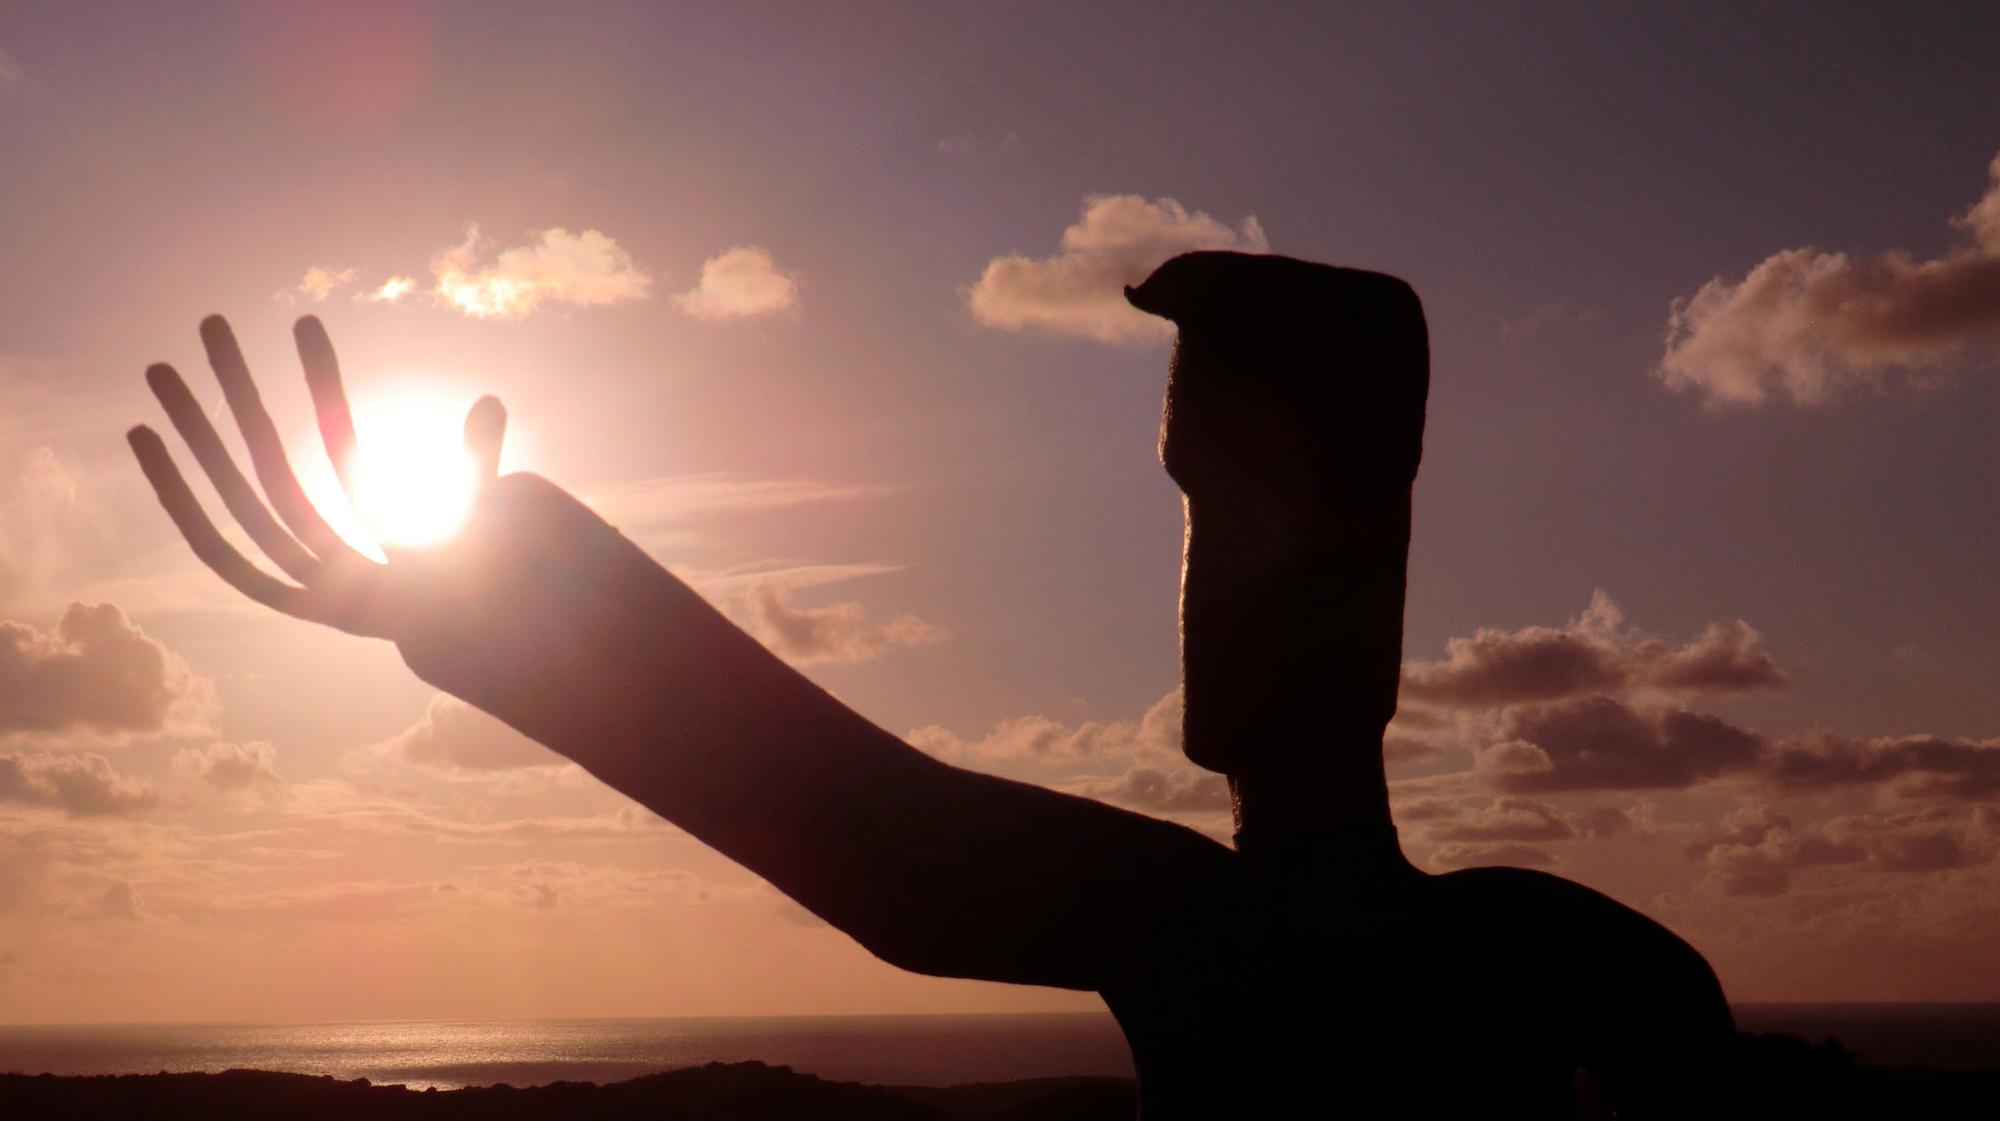 Die 5-Finger-Methode für mehr Achtsamkeit im Alltag©